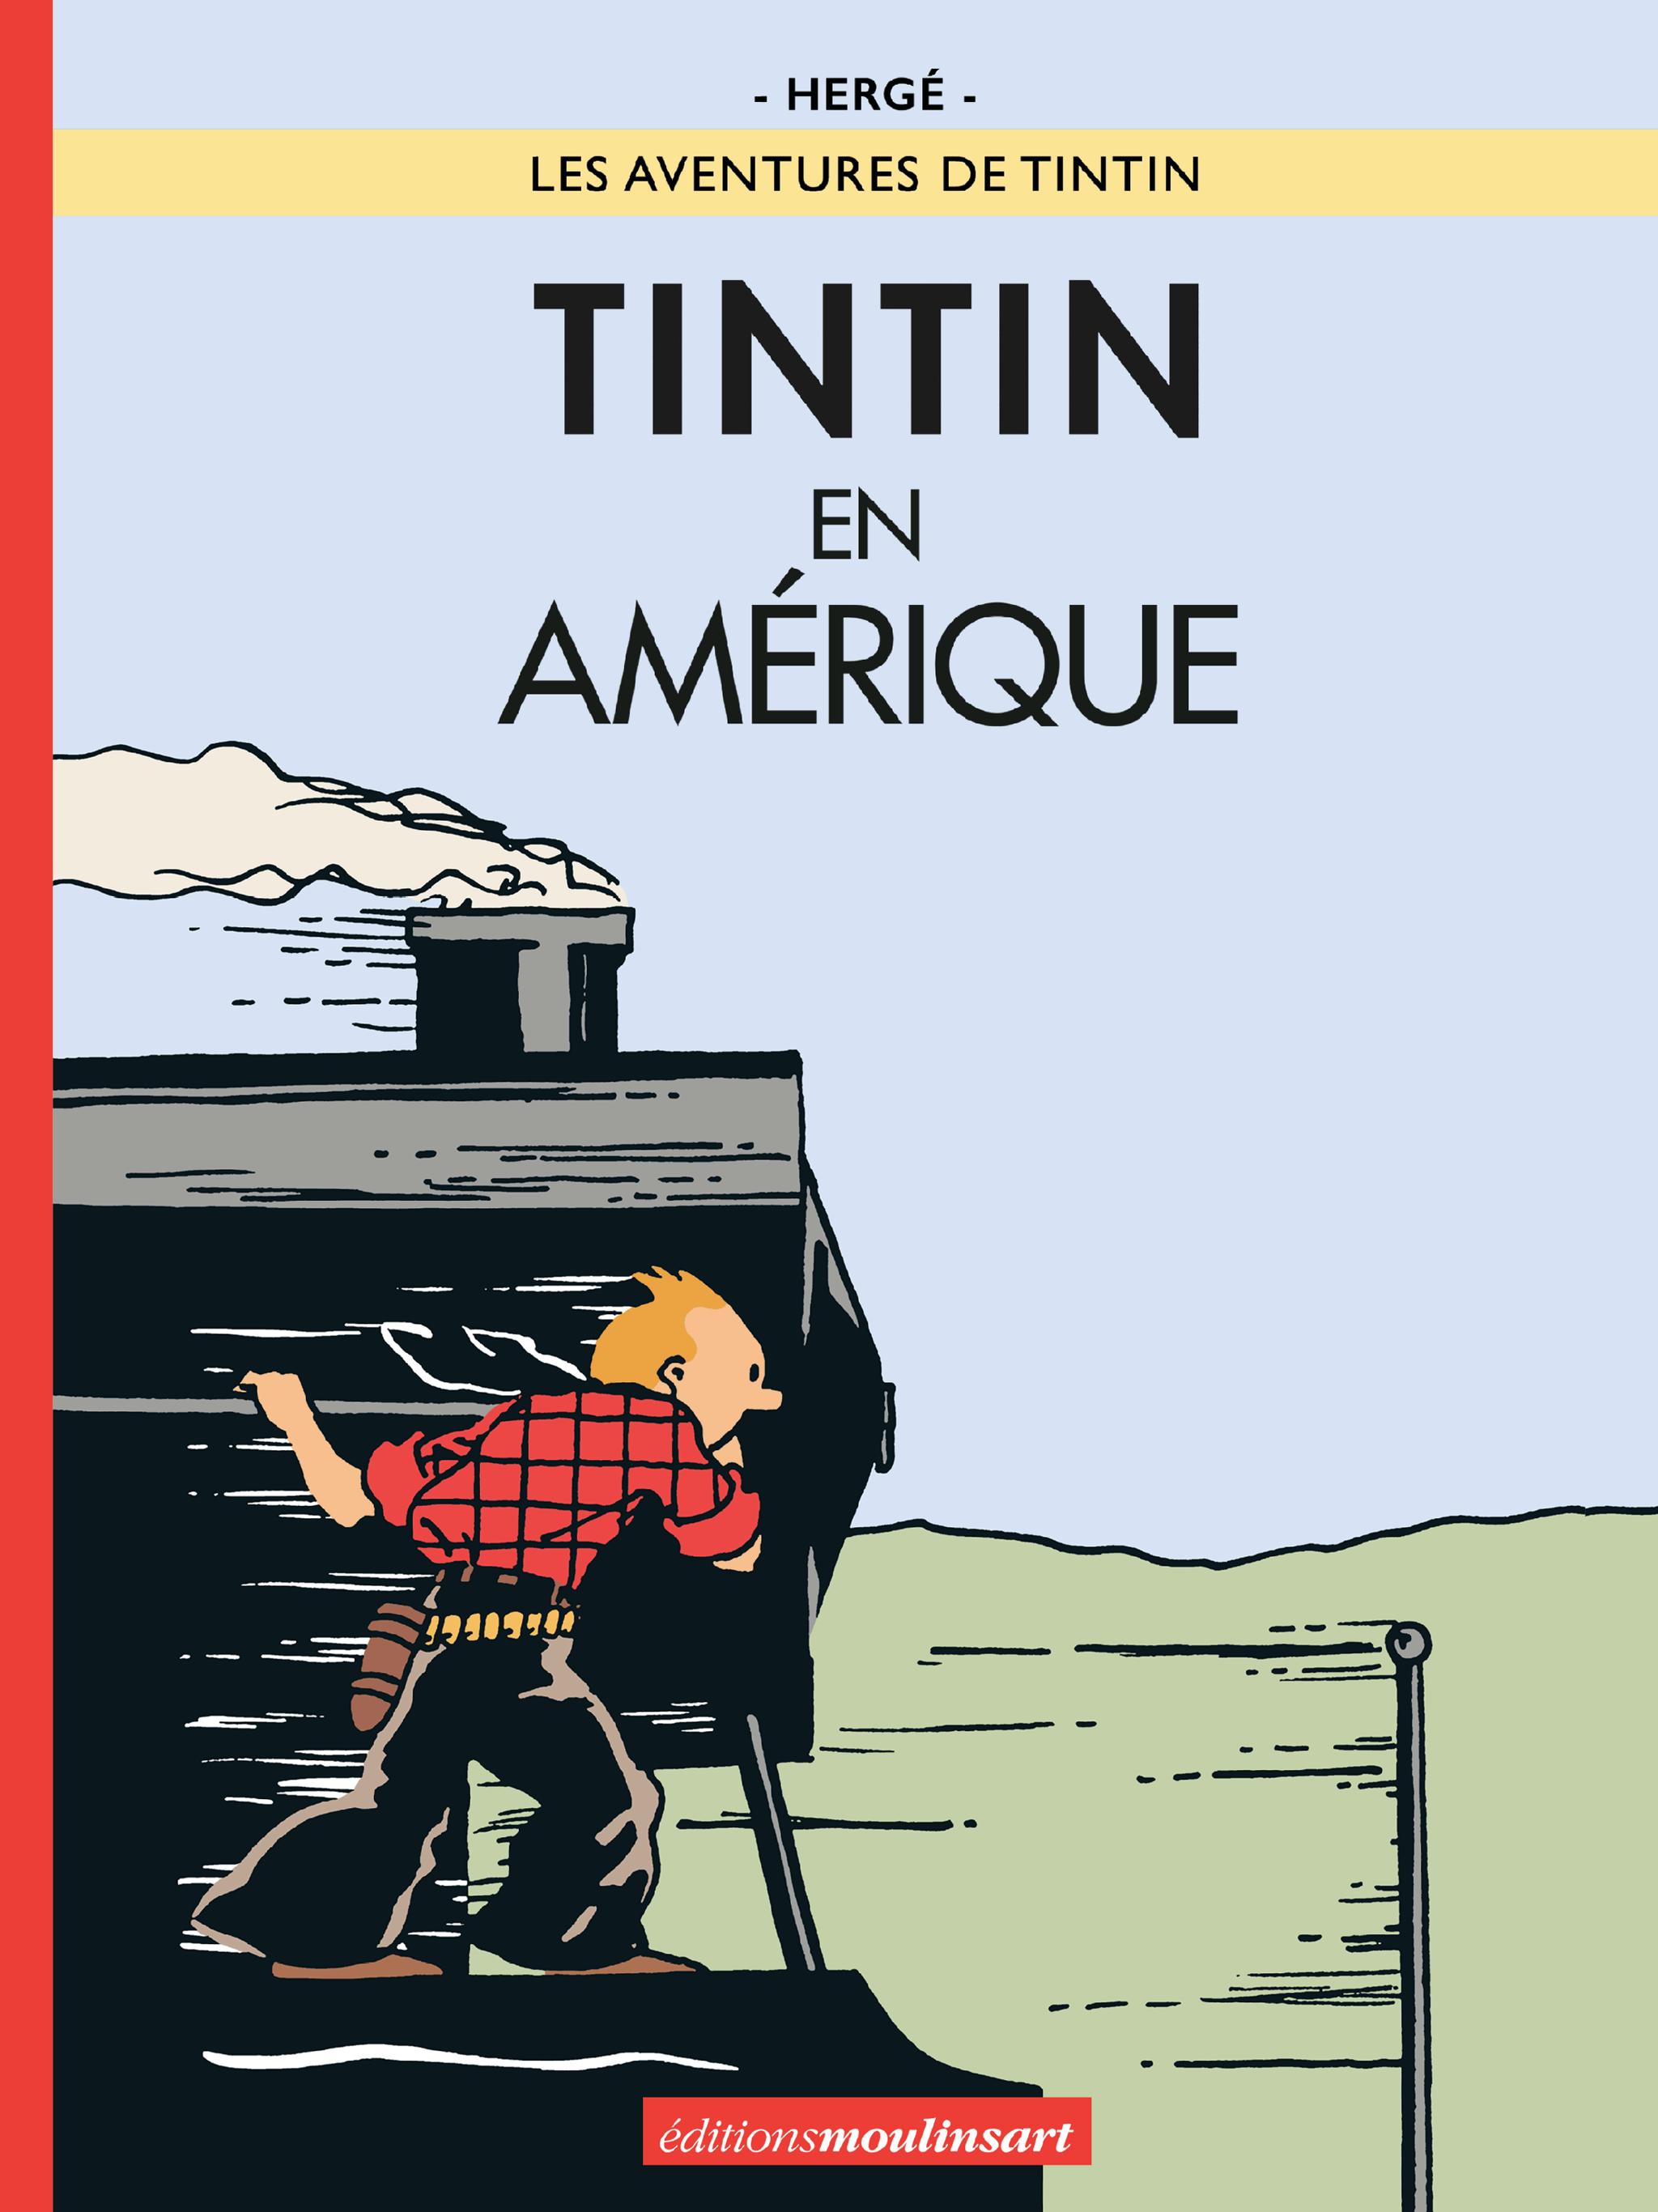 Tintin en Amérique version colorisée